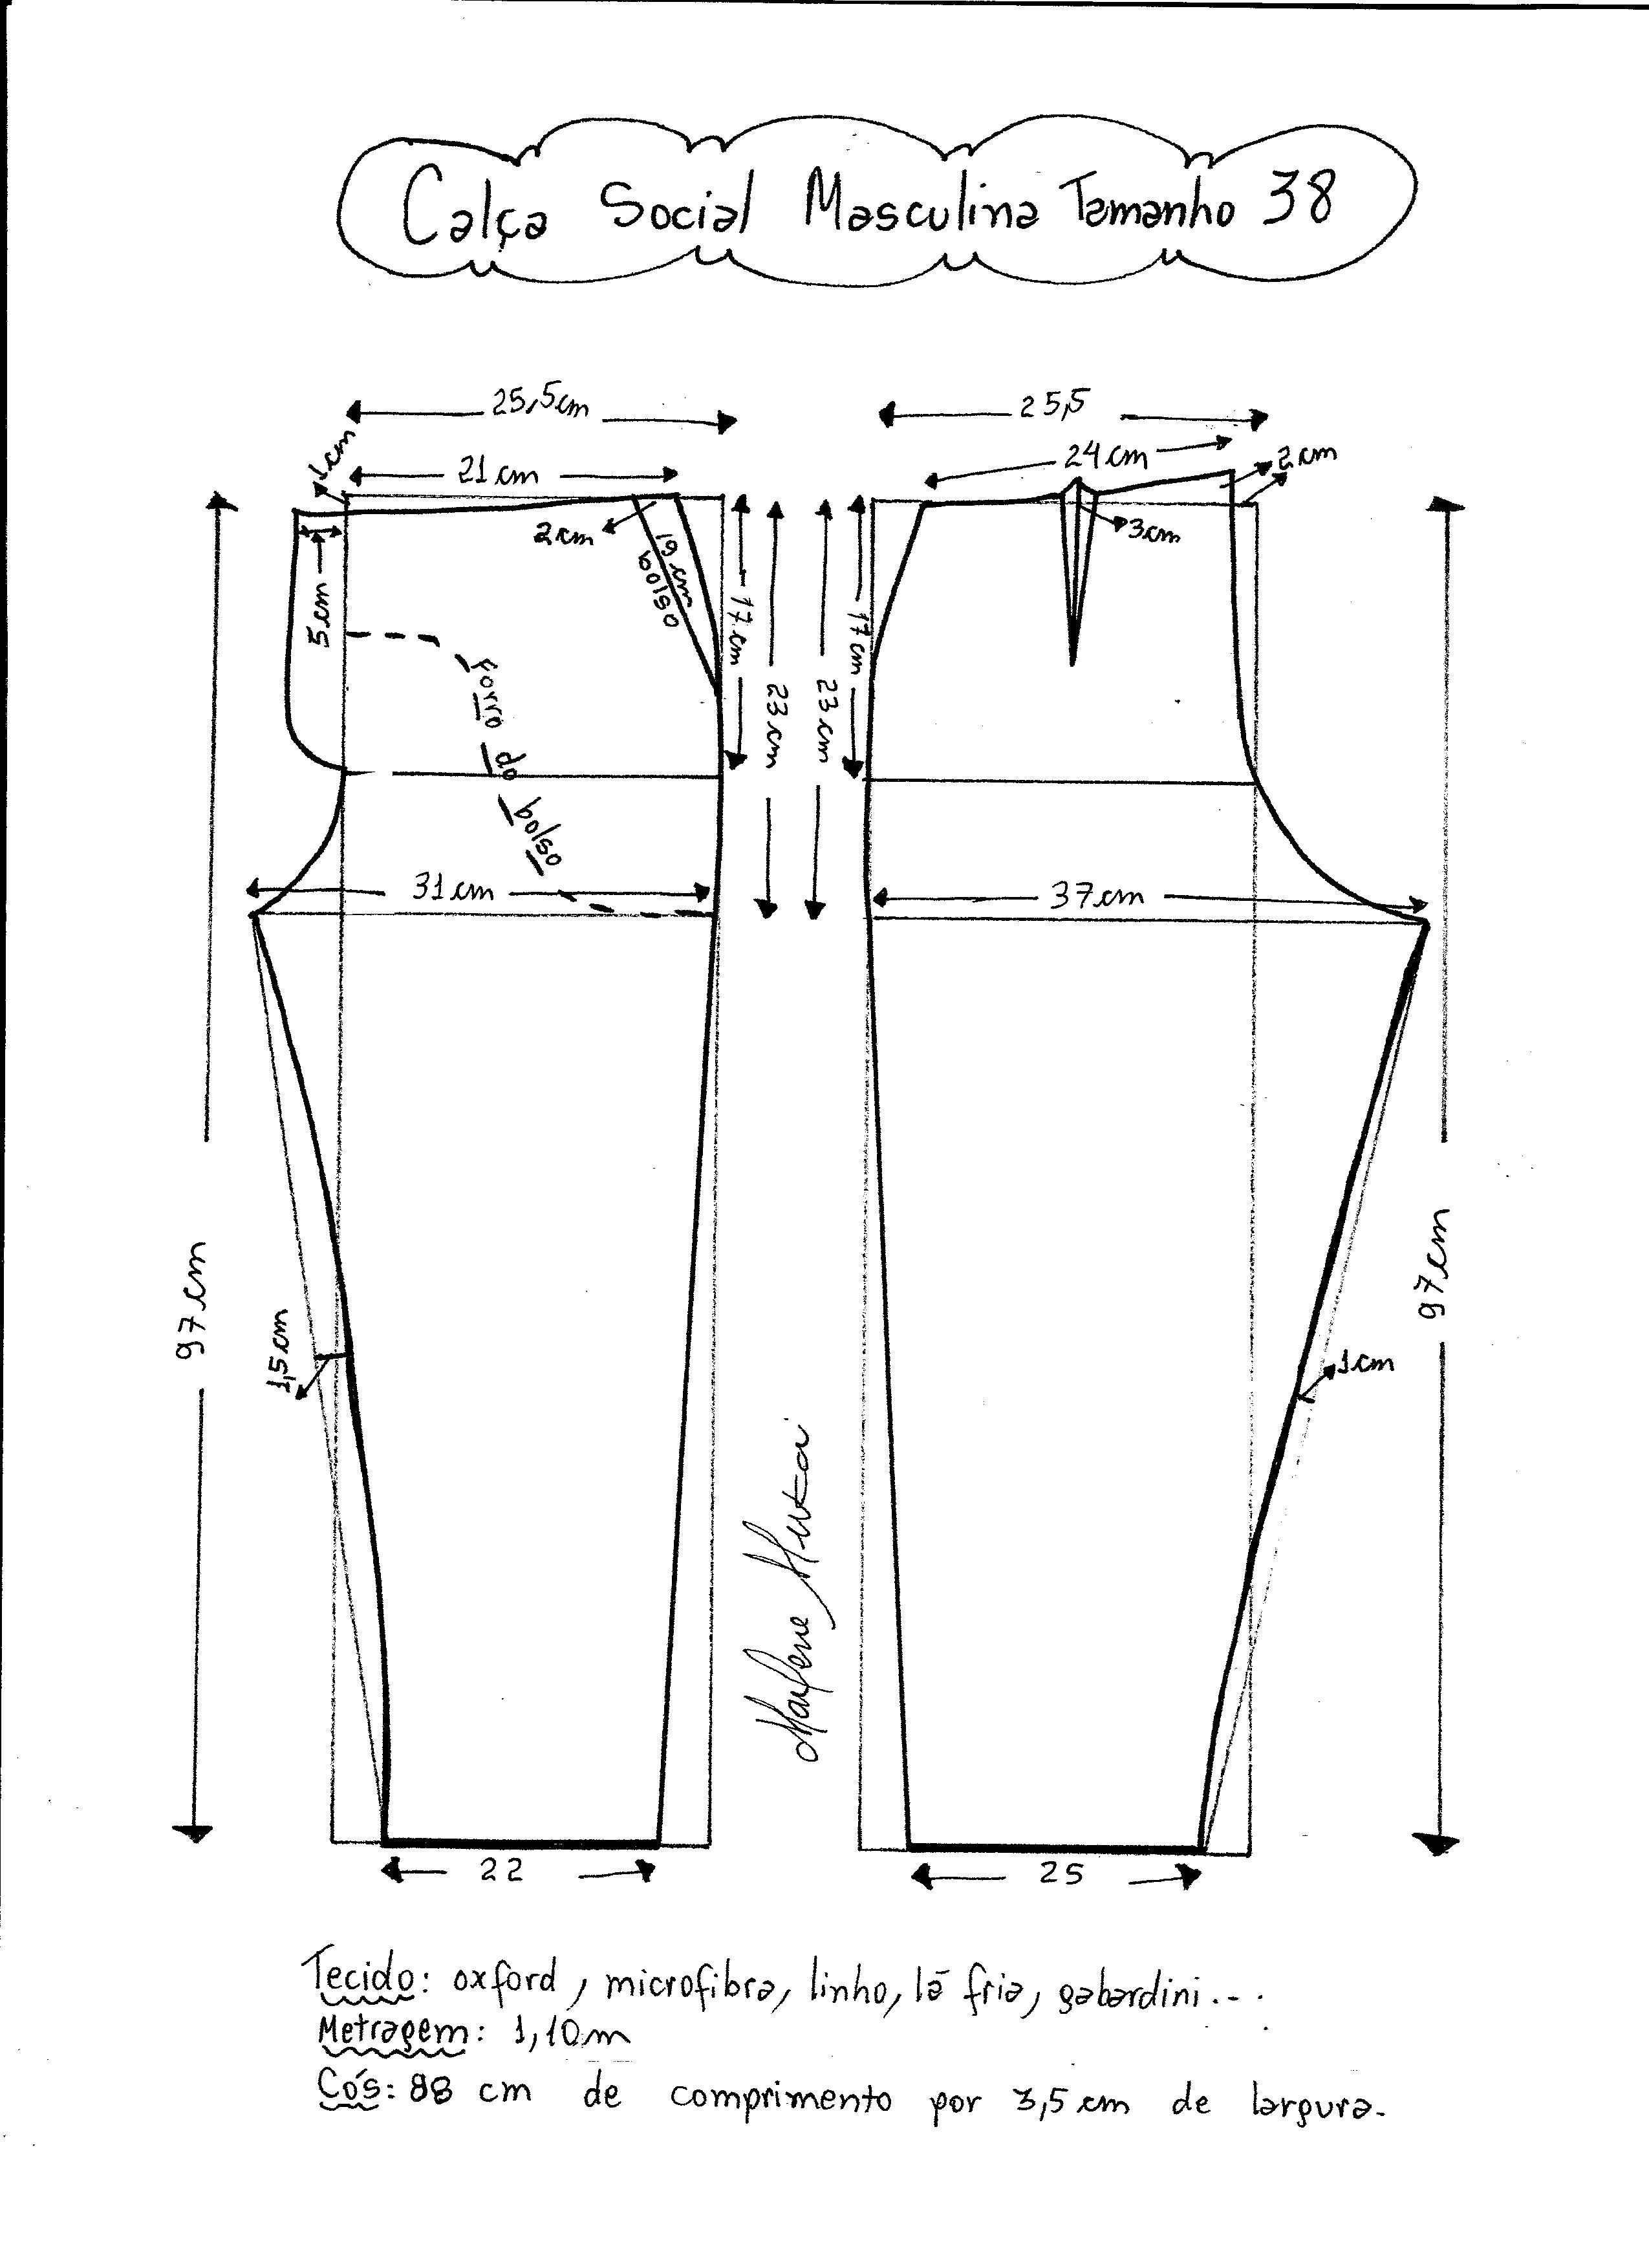 e03e88644 Esquema de modelagem de calça social masculina tamanho 38.